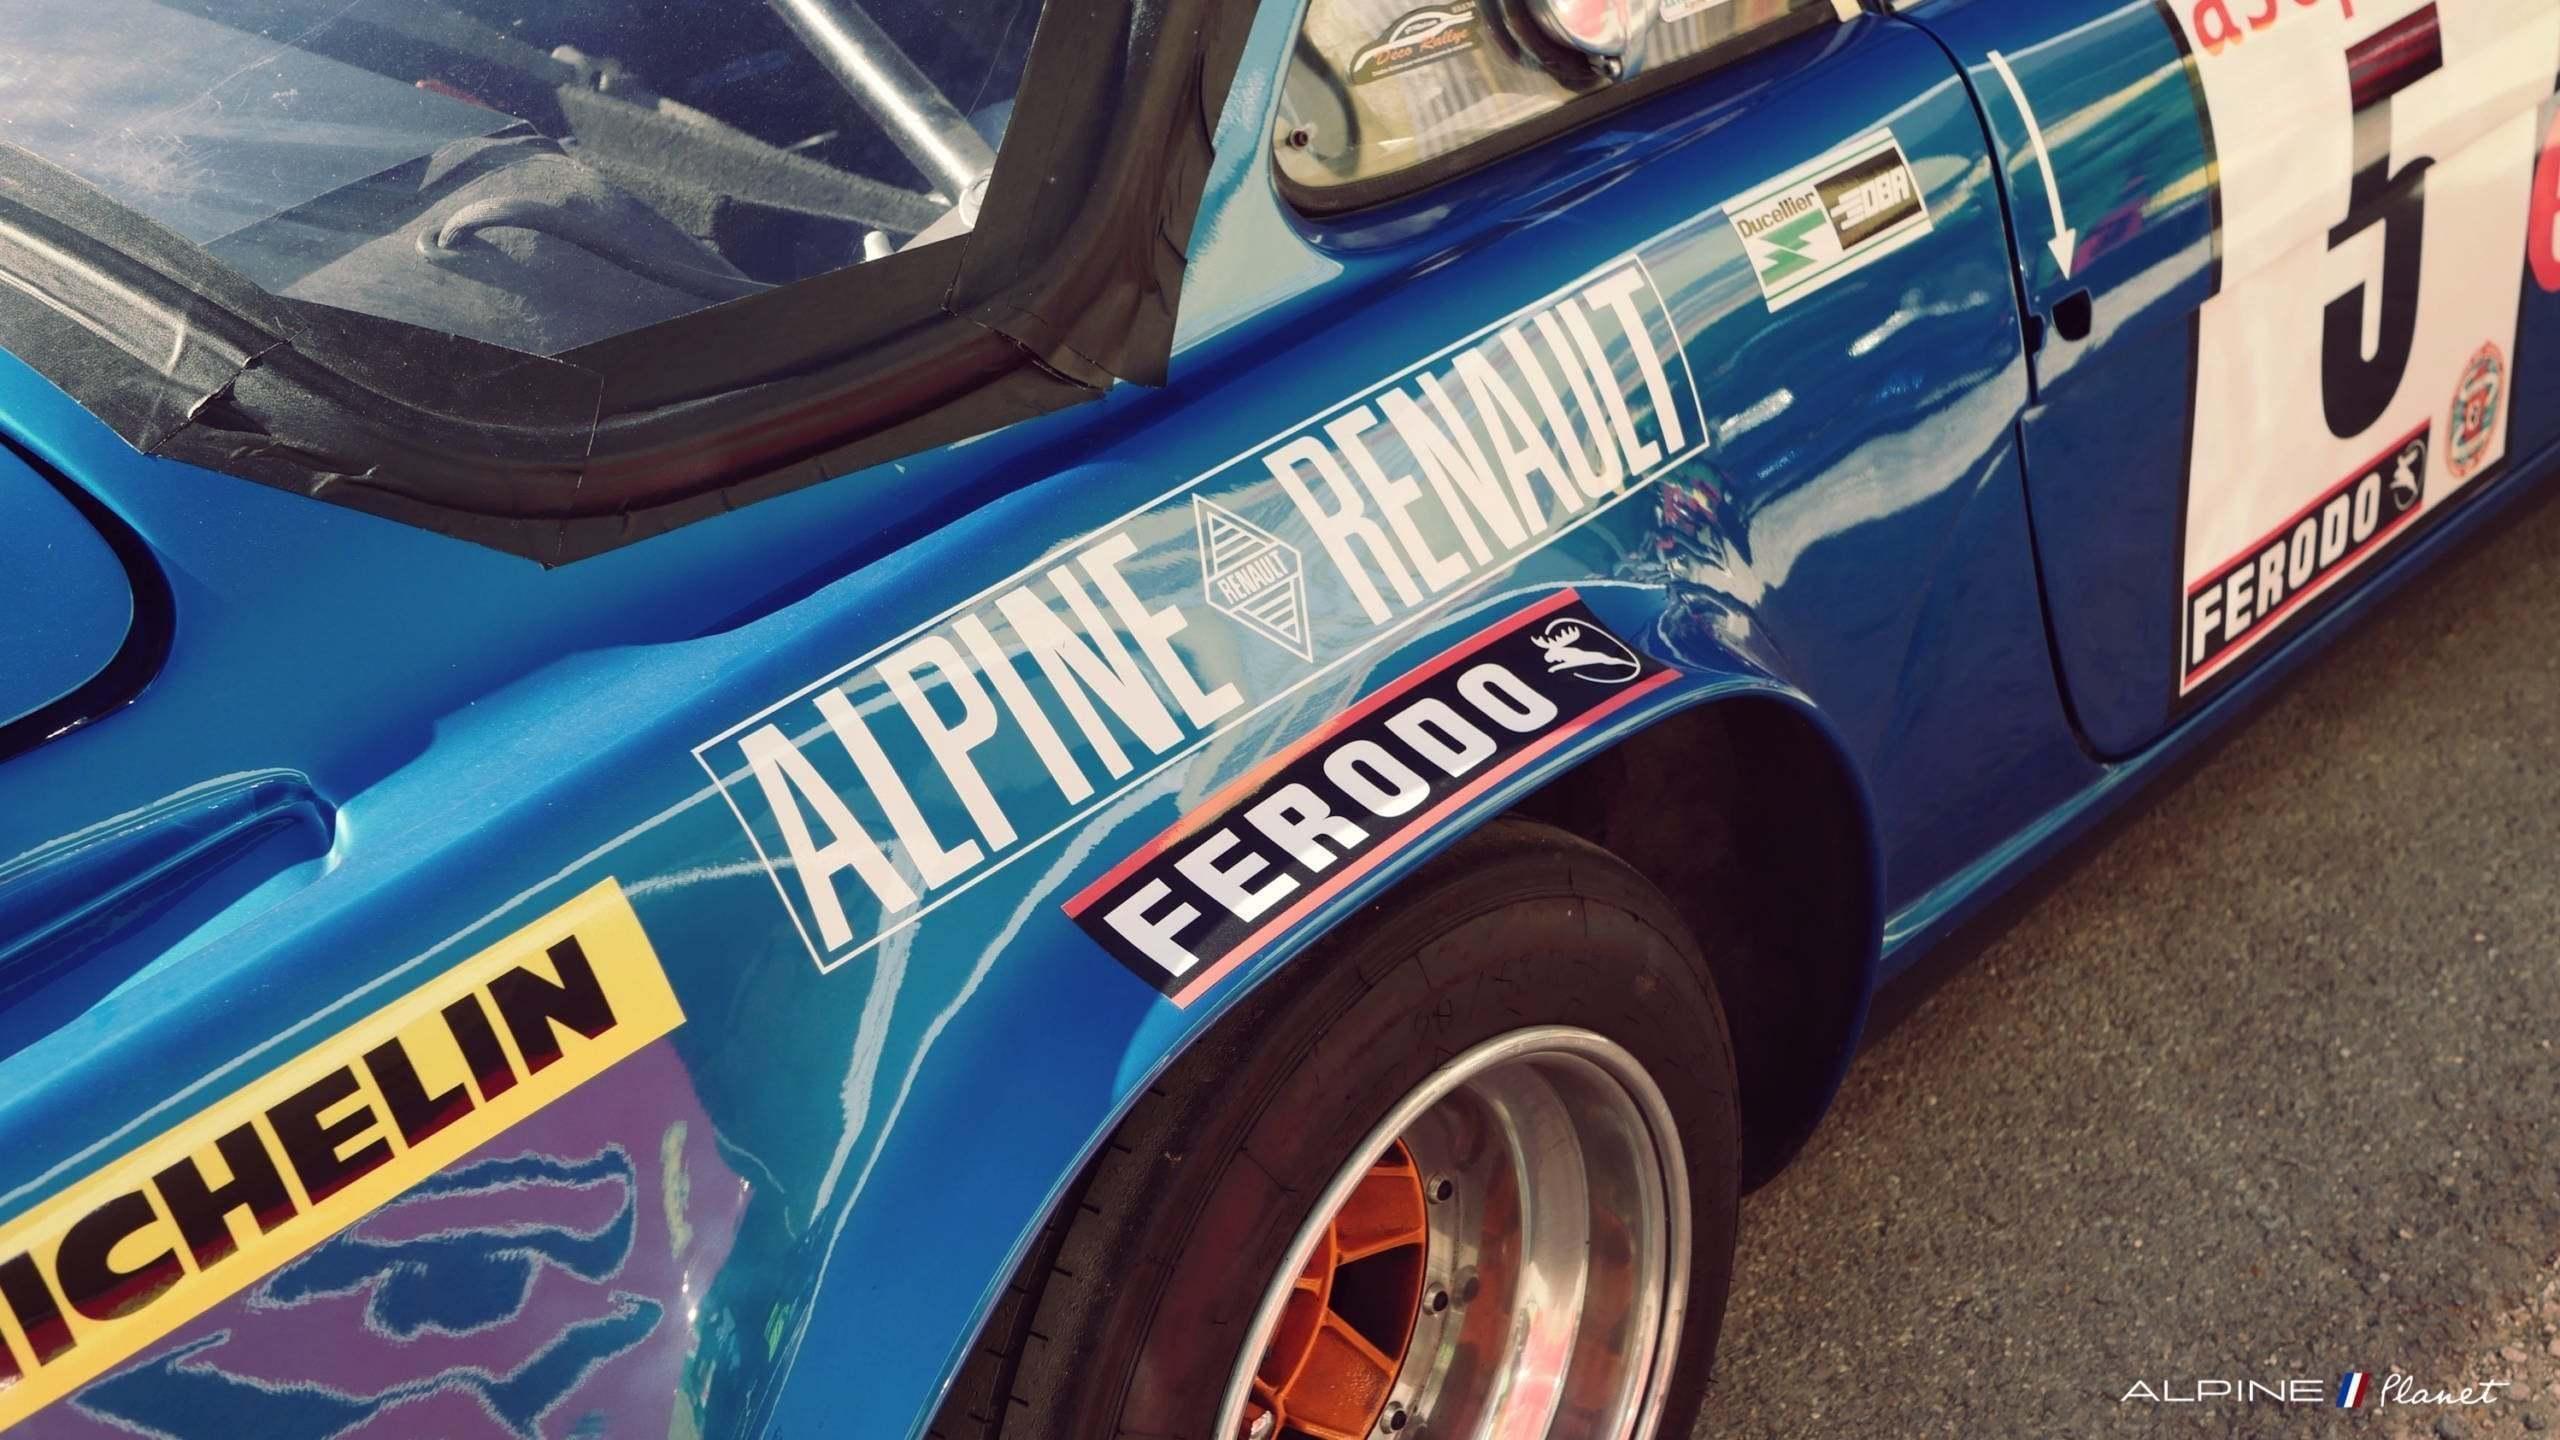 Alpine Planet Les Grandes Heures Automobiles 2018 Monthlery A110 A310 A340 M63 81 imp   Les Grandes Heures Automobiles 2018 : le succès d'Alpine en rallye fête ses 45 ans !